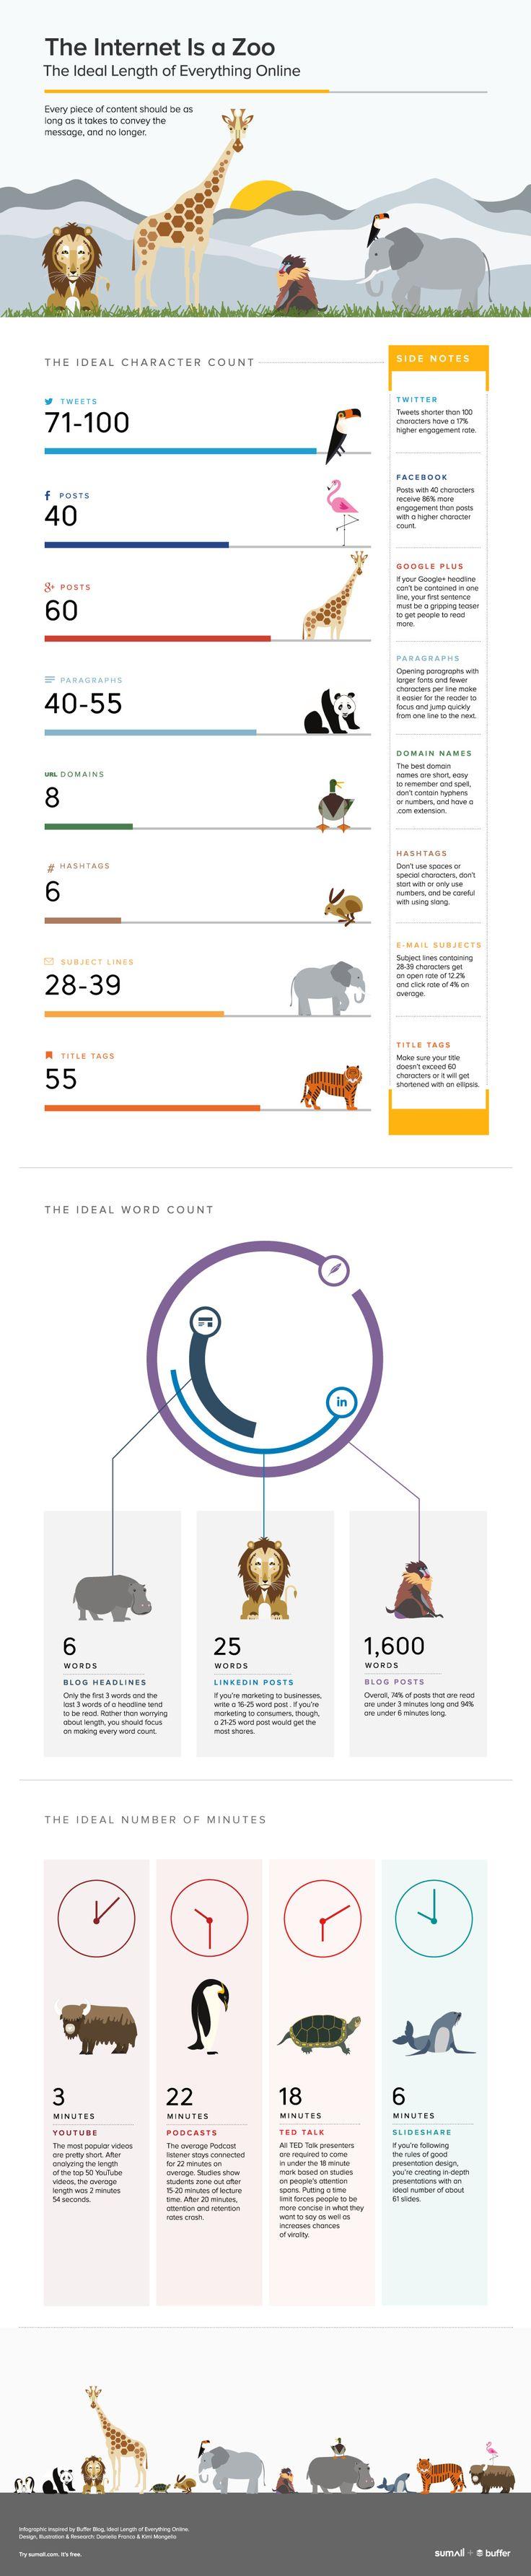 Jaka jest idealna długość treści online? [INFOGRAFIKA] | Social Media Today #byle #nie #za #dużo #hashtagów